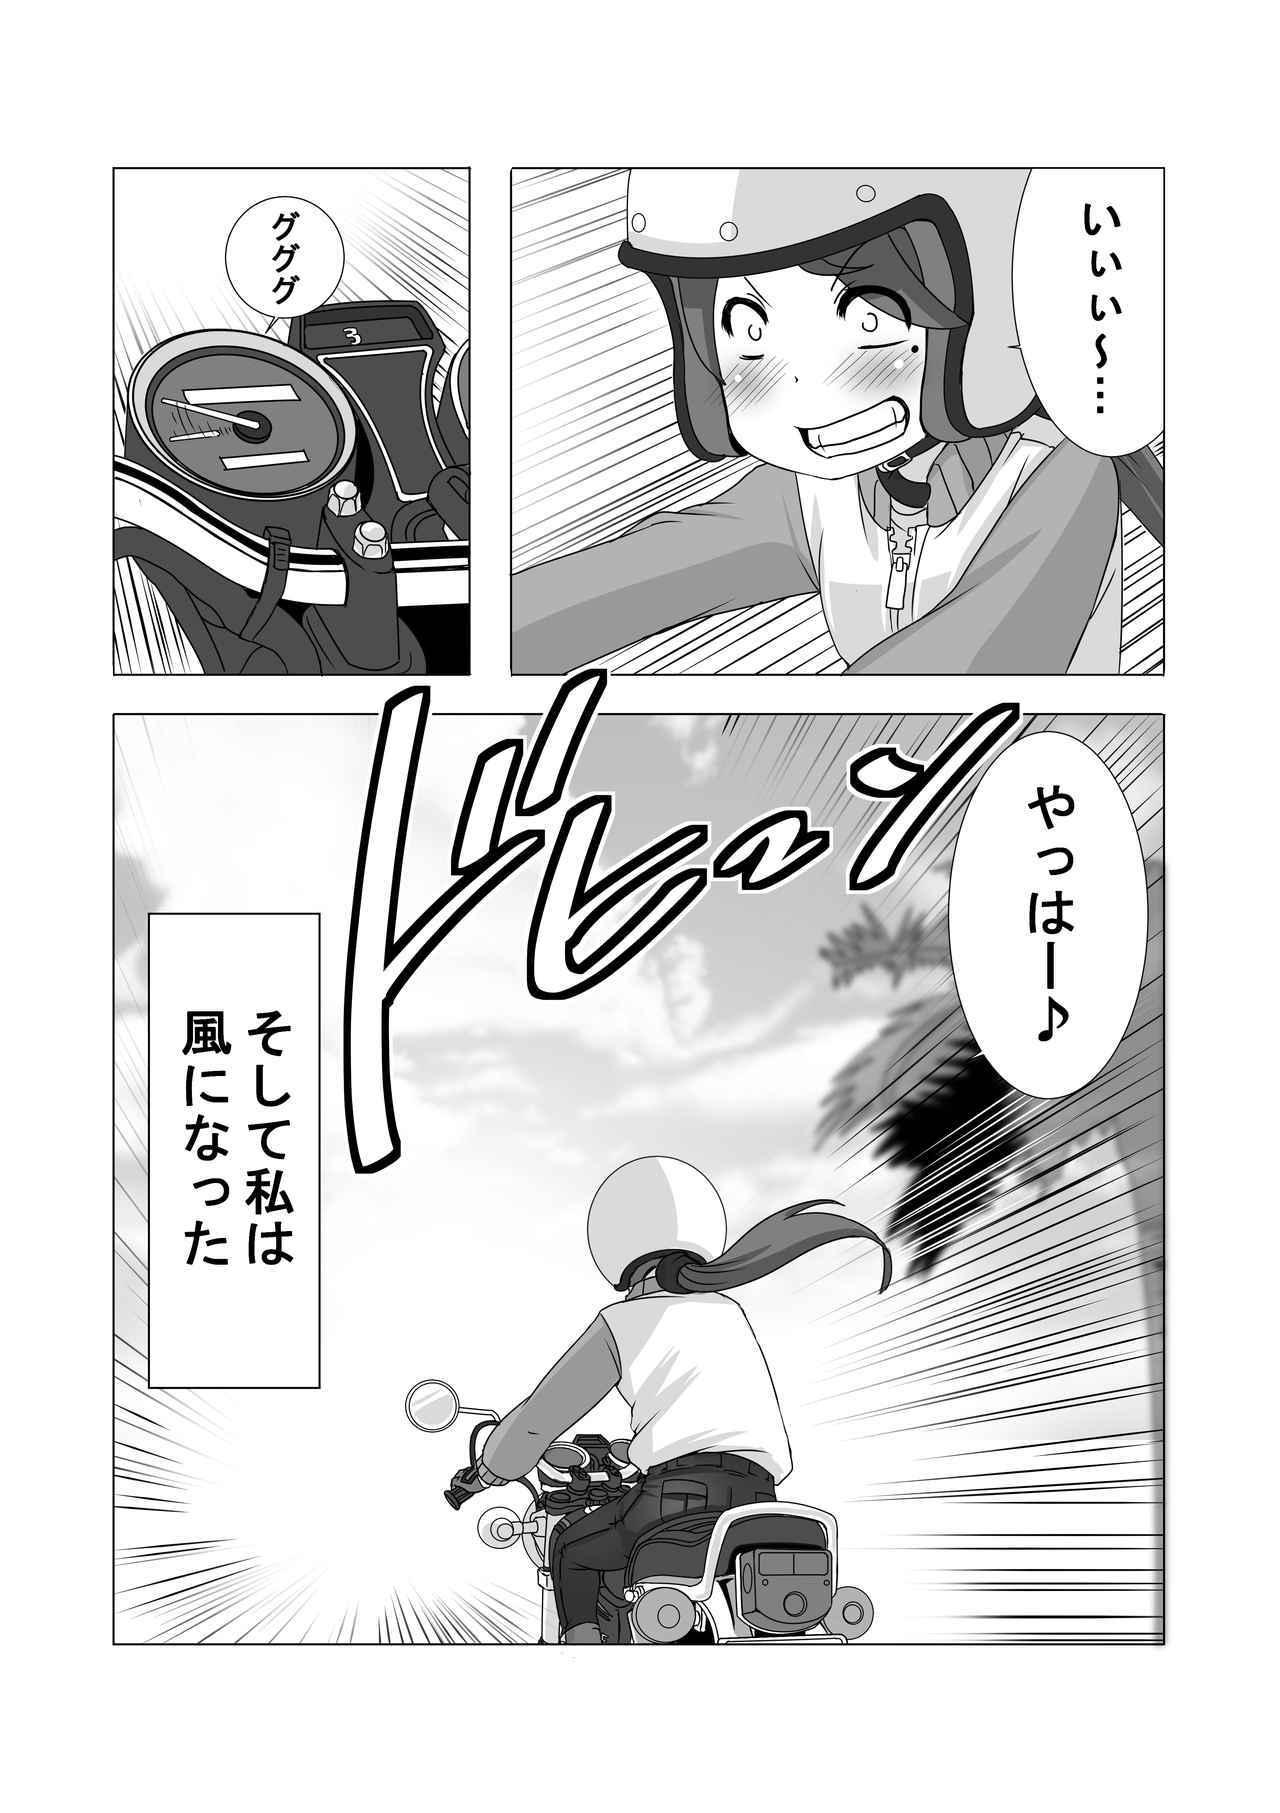 画像7: 【連載】馬場郁子がこよなくバイクを愛す理由(第十二話:それは始まりに過ぎないワケ)作:鈴木秀吉